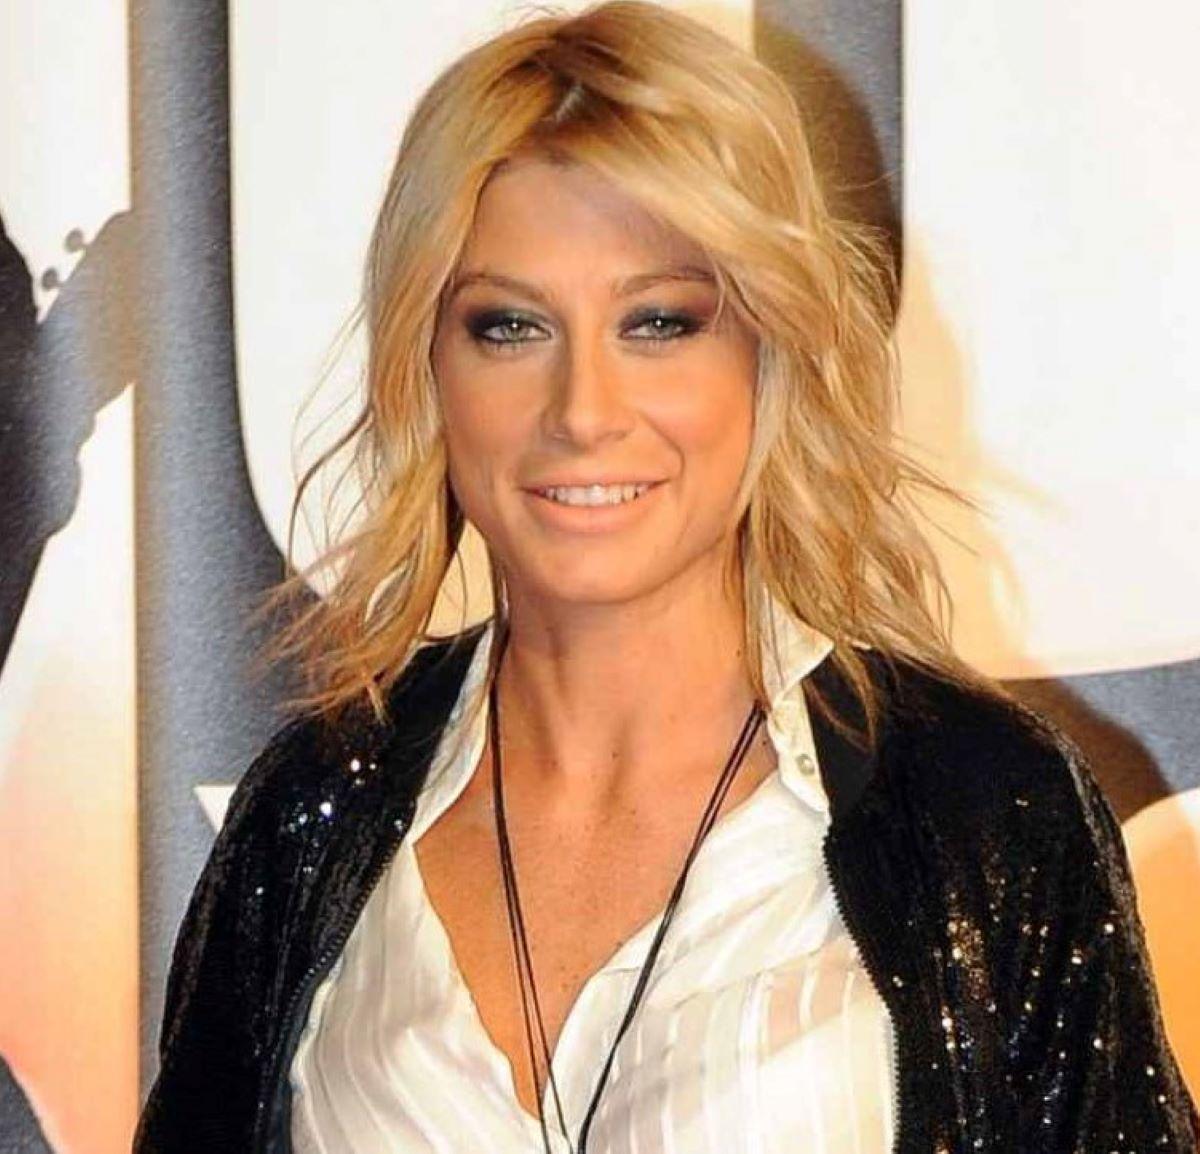 Maddalena Corvaglia Voci Storia Amore Paolo Berlusconi